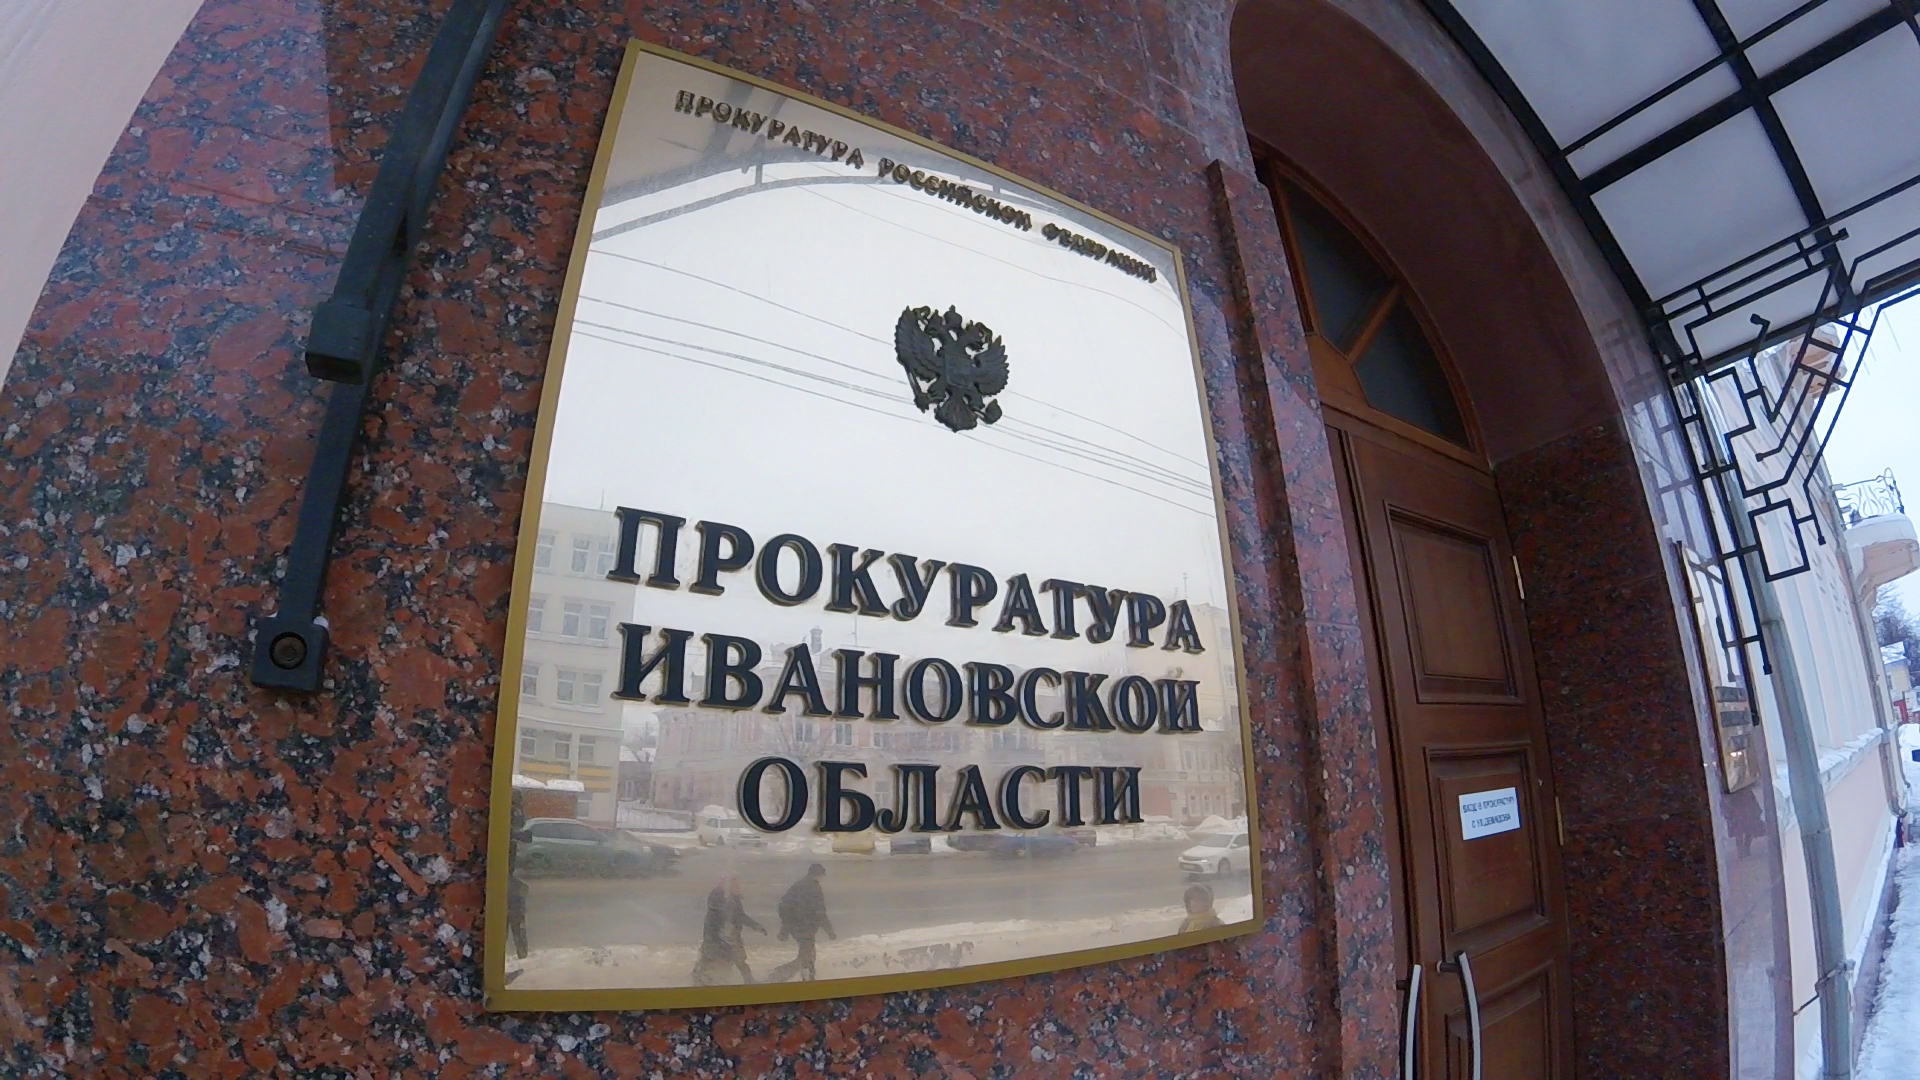 Реагент Закладка Тобольск MDMA legalrc Ковров